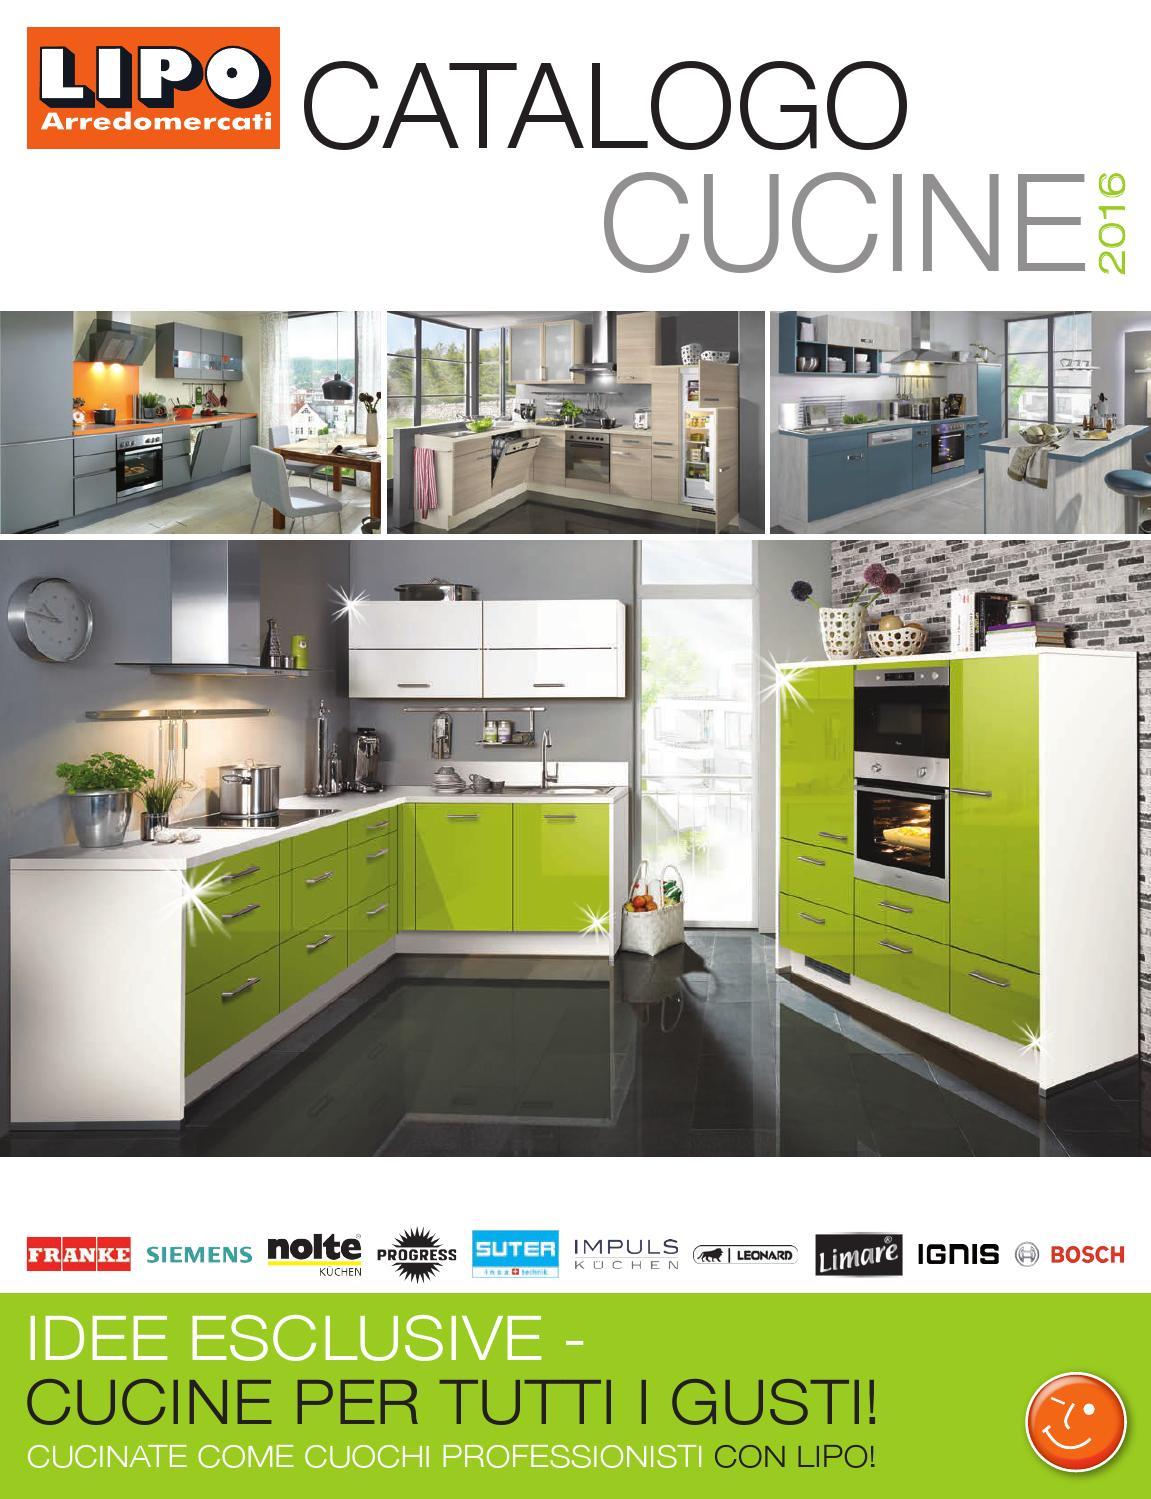 Beautiful cucine bosch catalogo ideas - Catalogo cucine ...